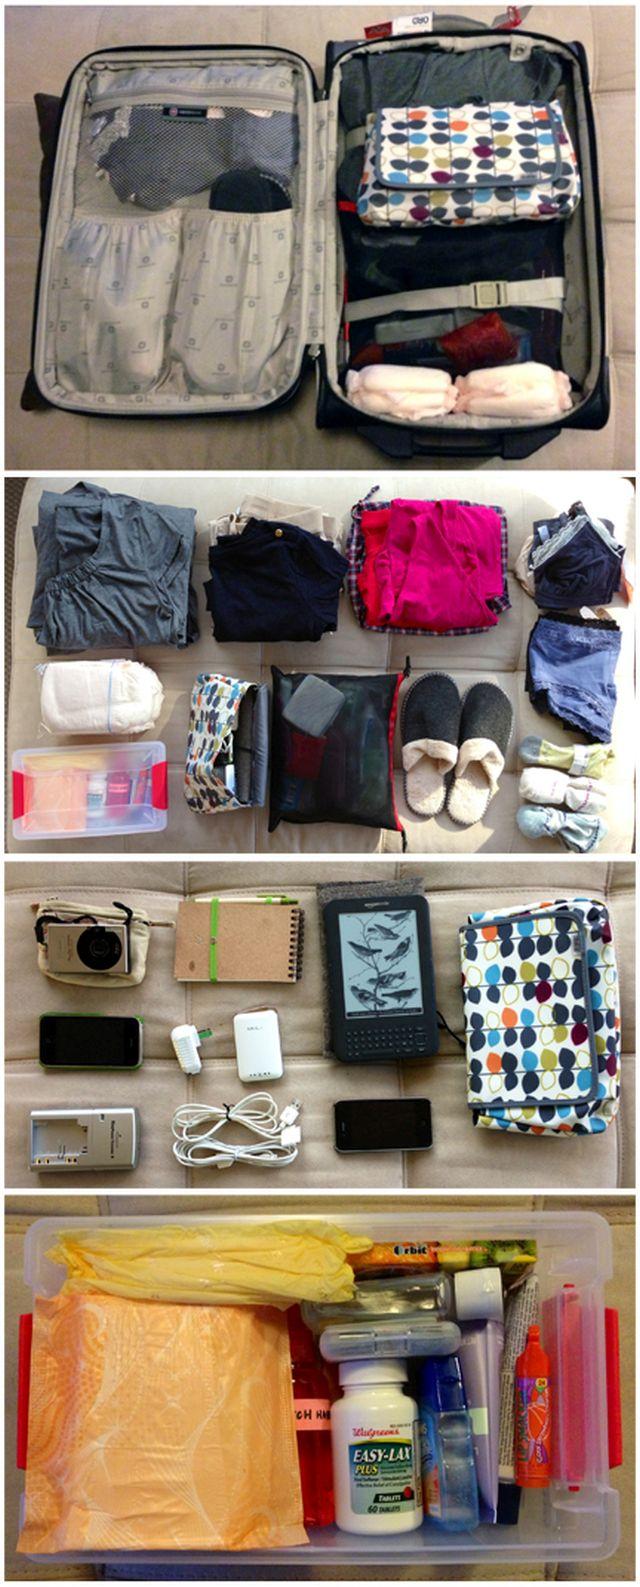 Mi legyen a kórházi táskádban, amikor szülni mész? - Részletes lista